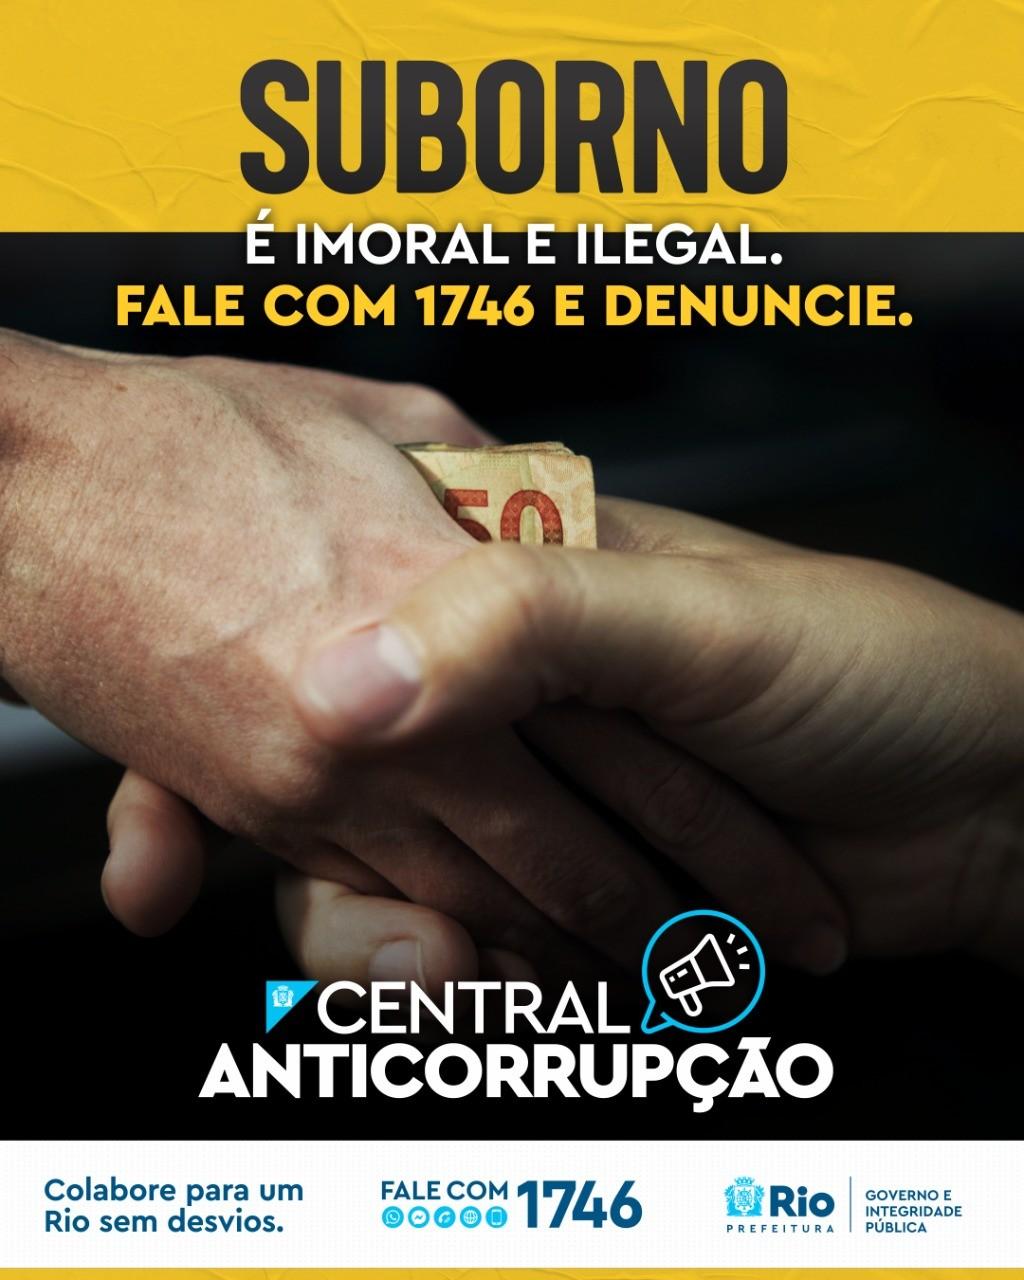 O secretário Marcelo Calero, da Prefeitura do Rio, lança  uma central anticorrupção